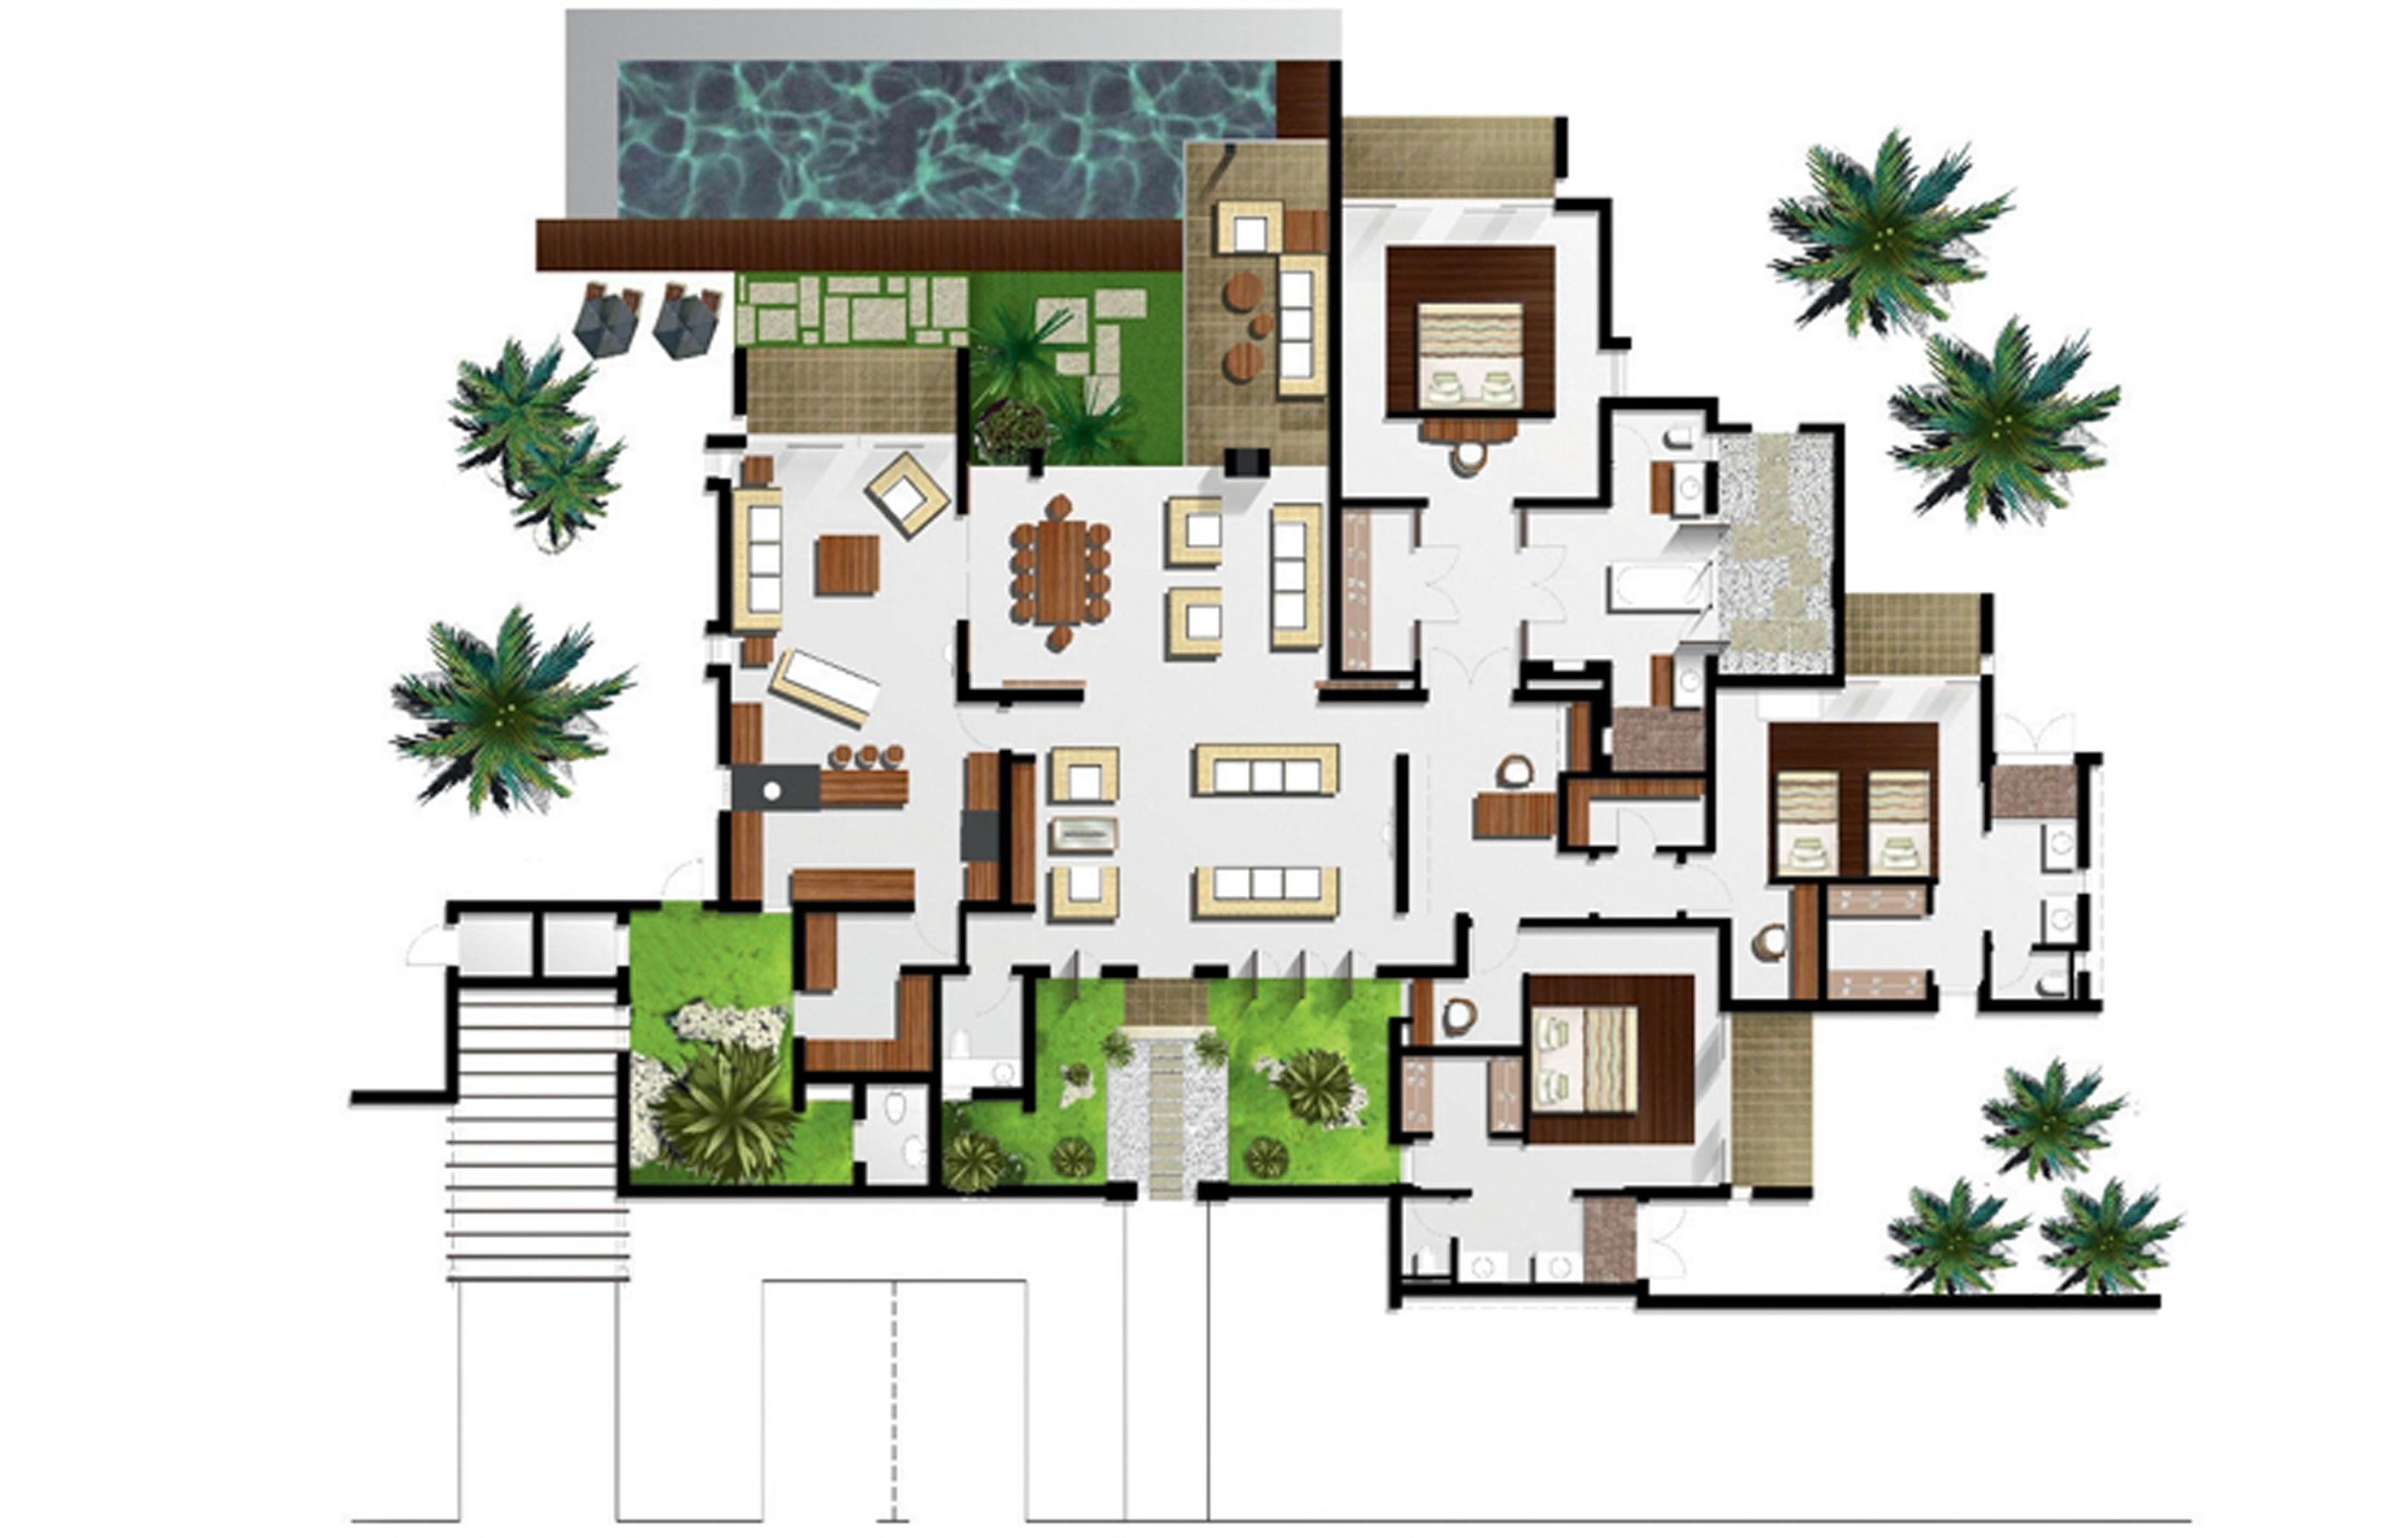 floor plan of the 2 bedroom villas floor pan of the 3 bedroom villas